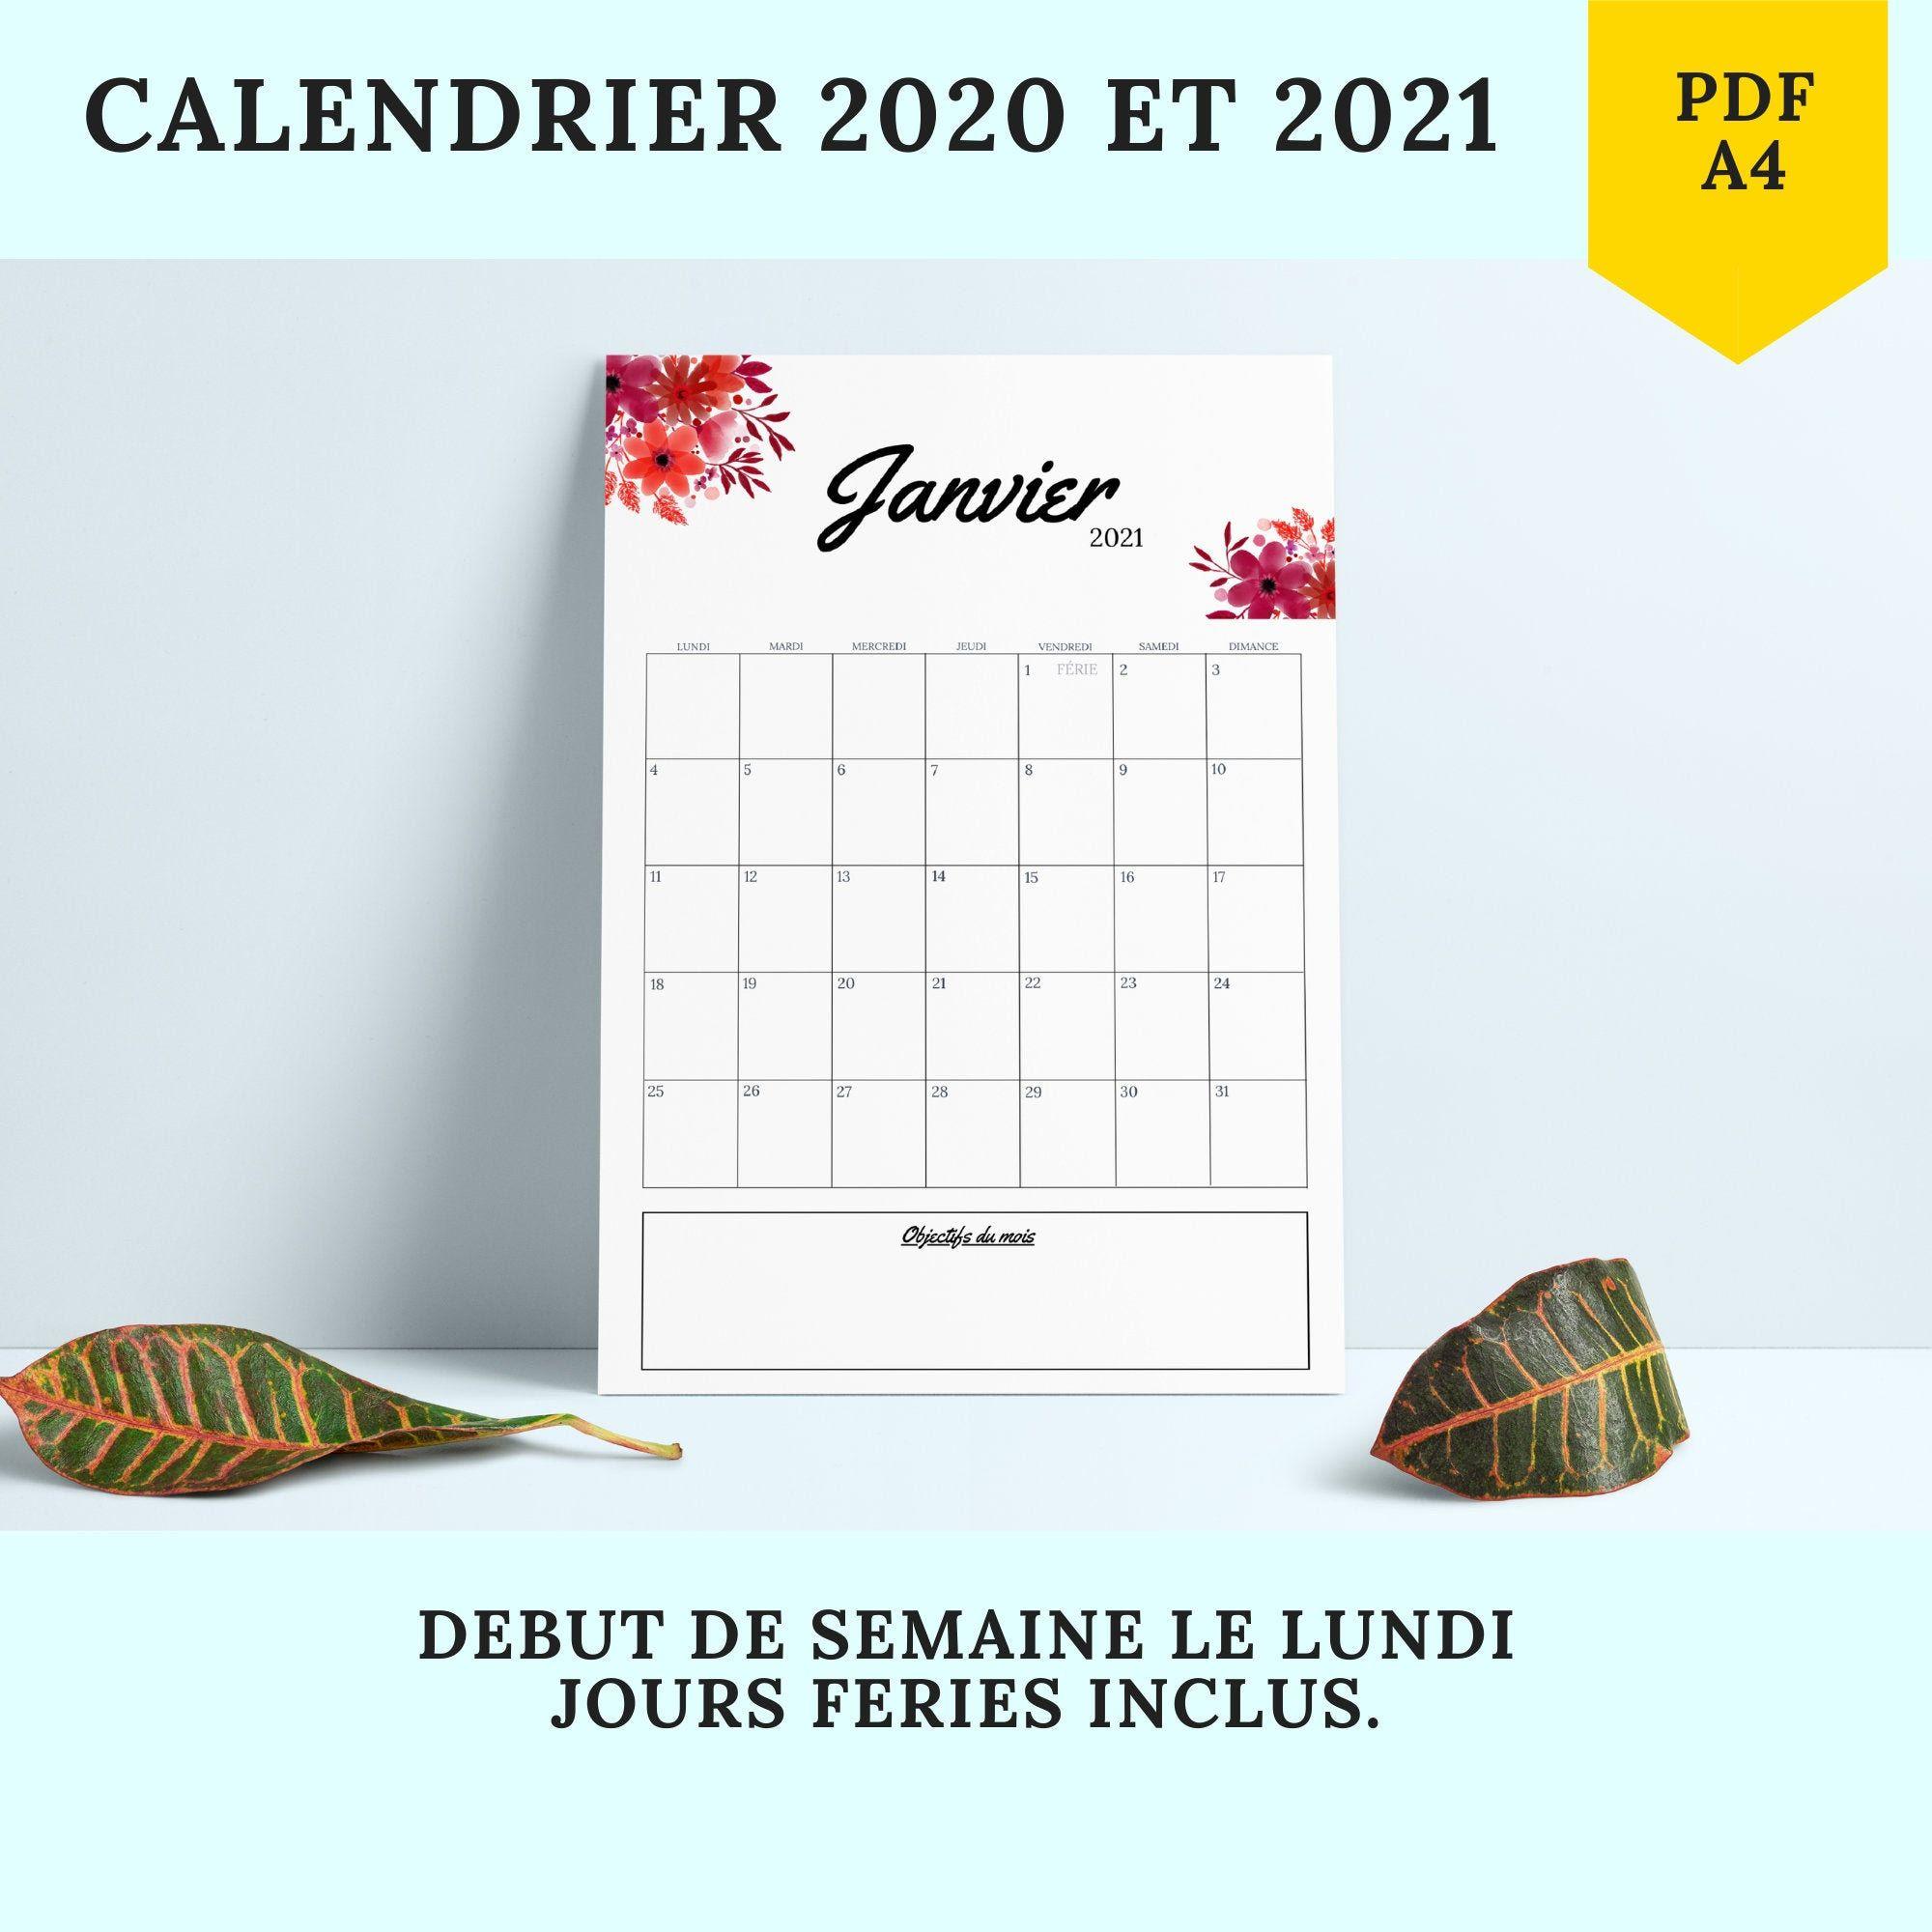 Calendrier Mensuel 2021 2022 PDF Calendrier 2020 et 2021 Portrait Fleurs Planning agenda